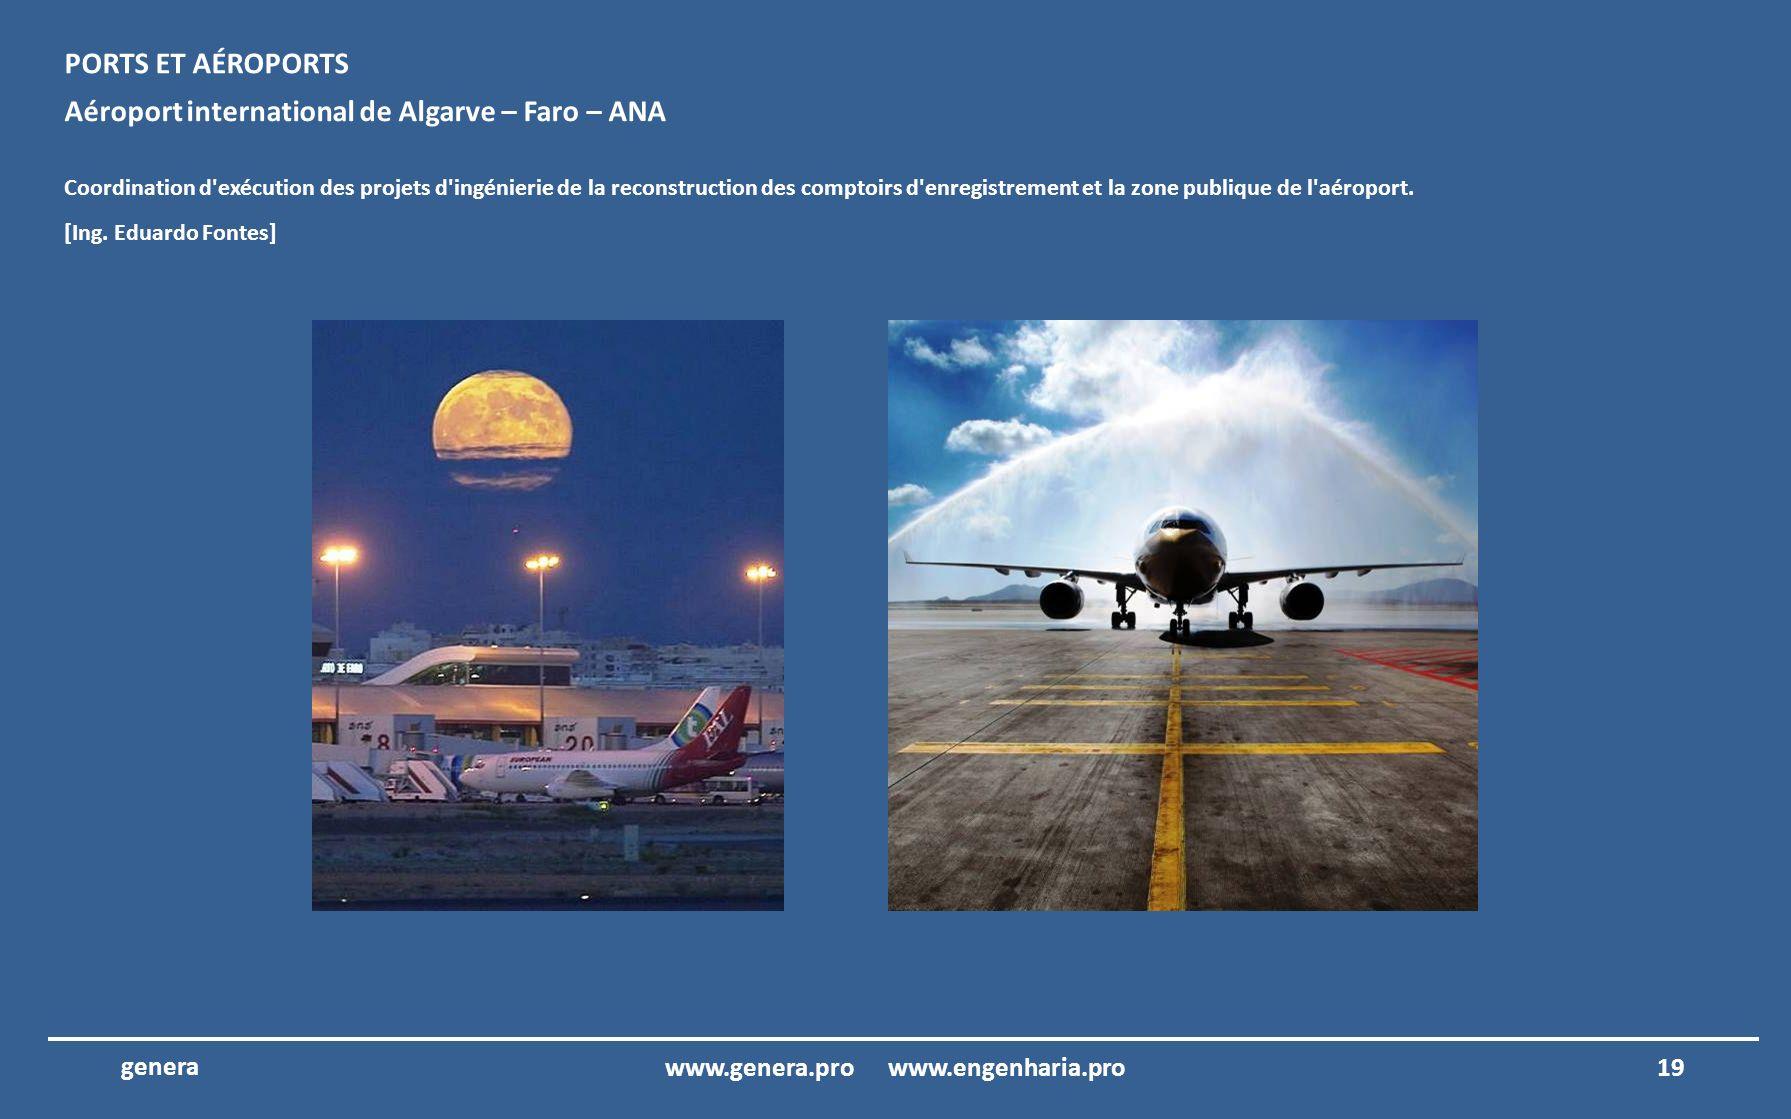 www.genera.pro www.engenharia.pro